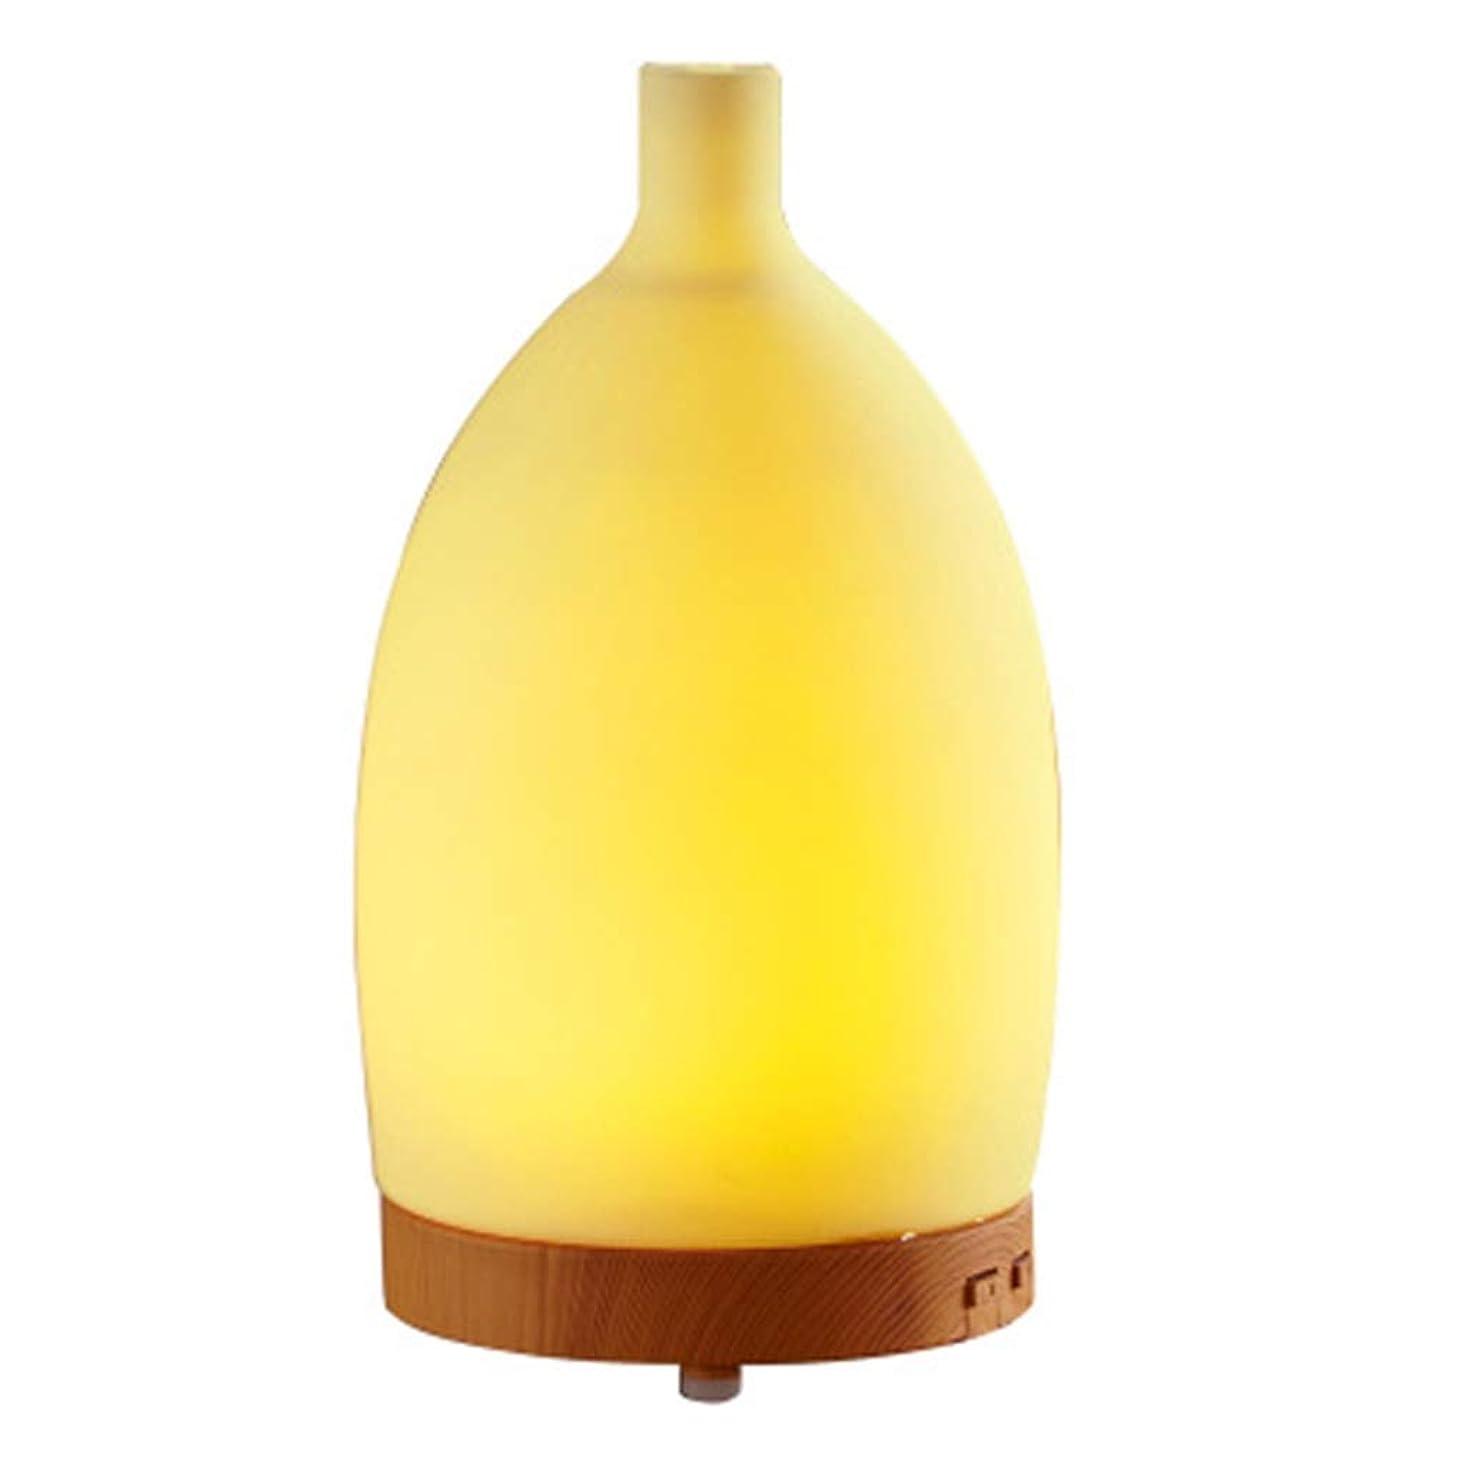 おいしい兄弟愛安価な7つの可変性の色LEDライトが付いている100mlシリコーンの花瓶の加湿器のための精油の拡散器は水の自動オフ浄化の空気を浄化します (Color : Colorful)